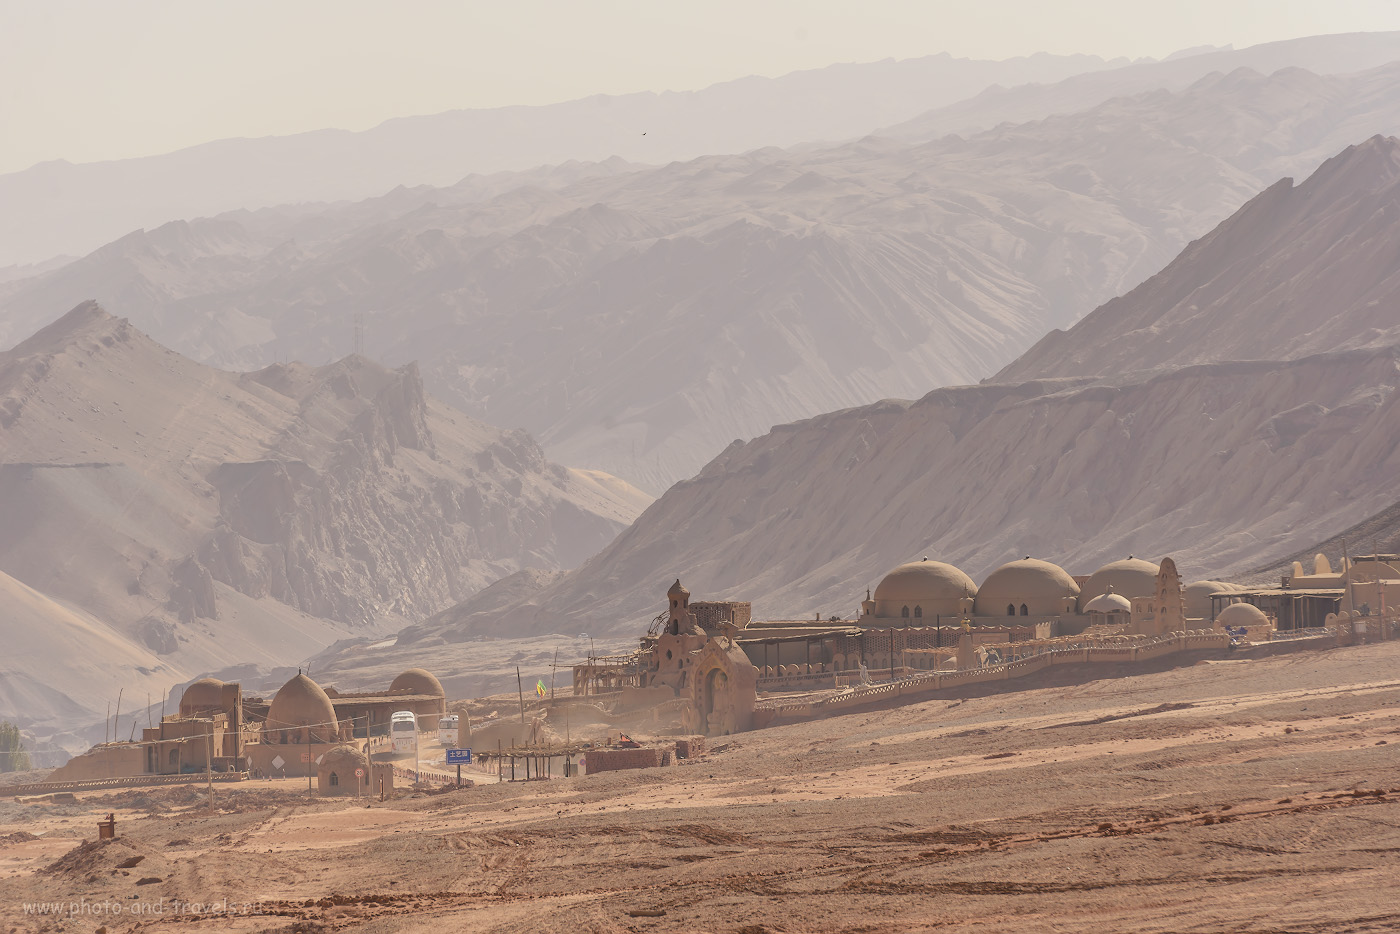 Вид на долину около пещер тысячи Будд Безеклик в окрестностях города Турфан в Синьцзян-Уйгурском автономном районе Китая. Почитайте рассказ о проблемах из-за наличия турецких штампов в паспорте.